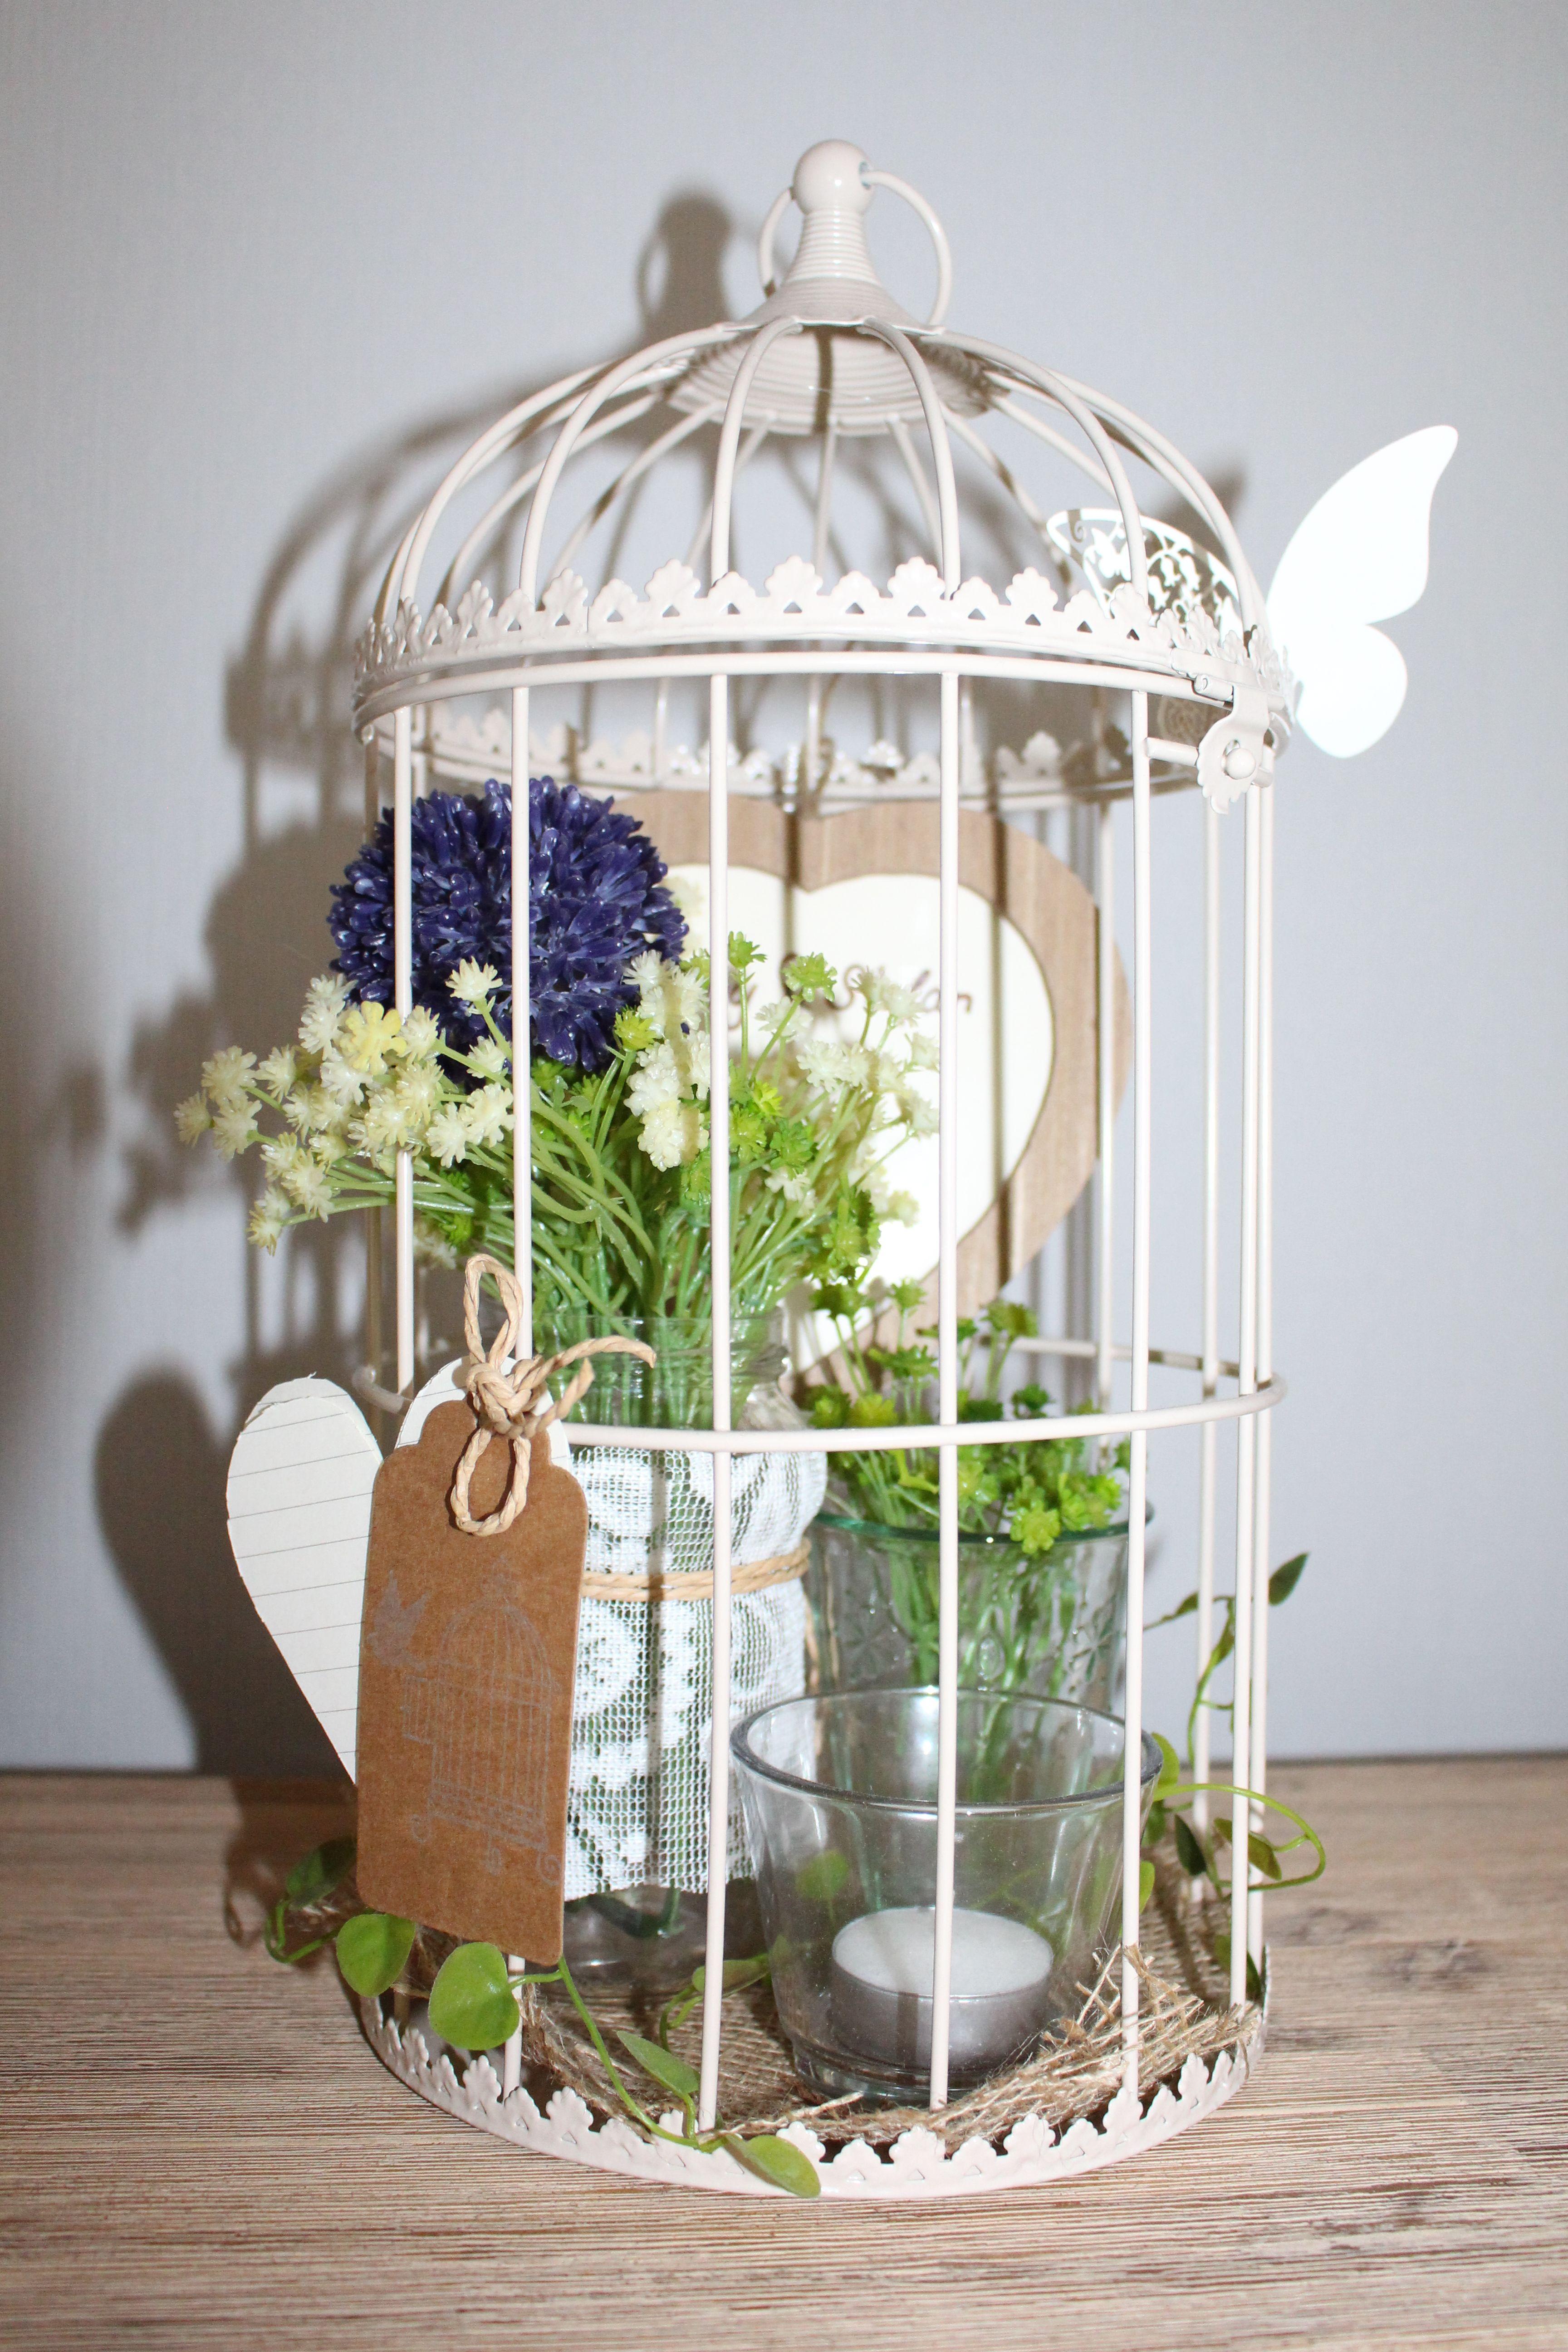 dekorierter vogelk fig gebasteltes pinterest dekorieren bilderrahmen und tischdeko. Black Bedroom Furniture Sets. Home Design Ideas